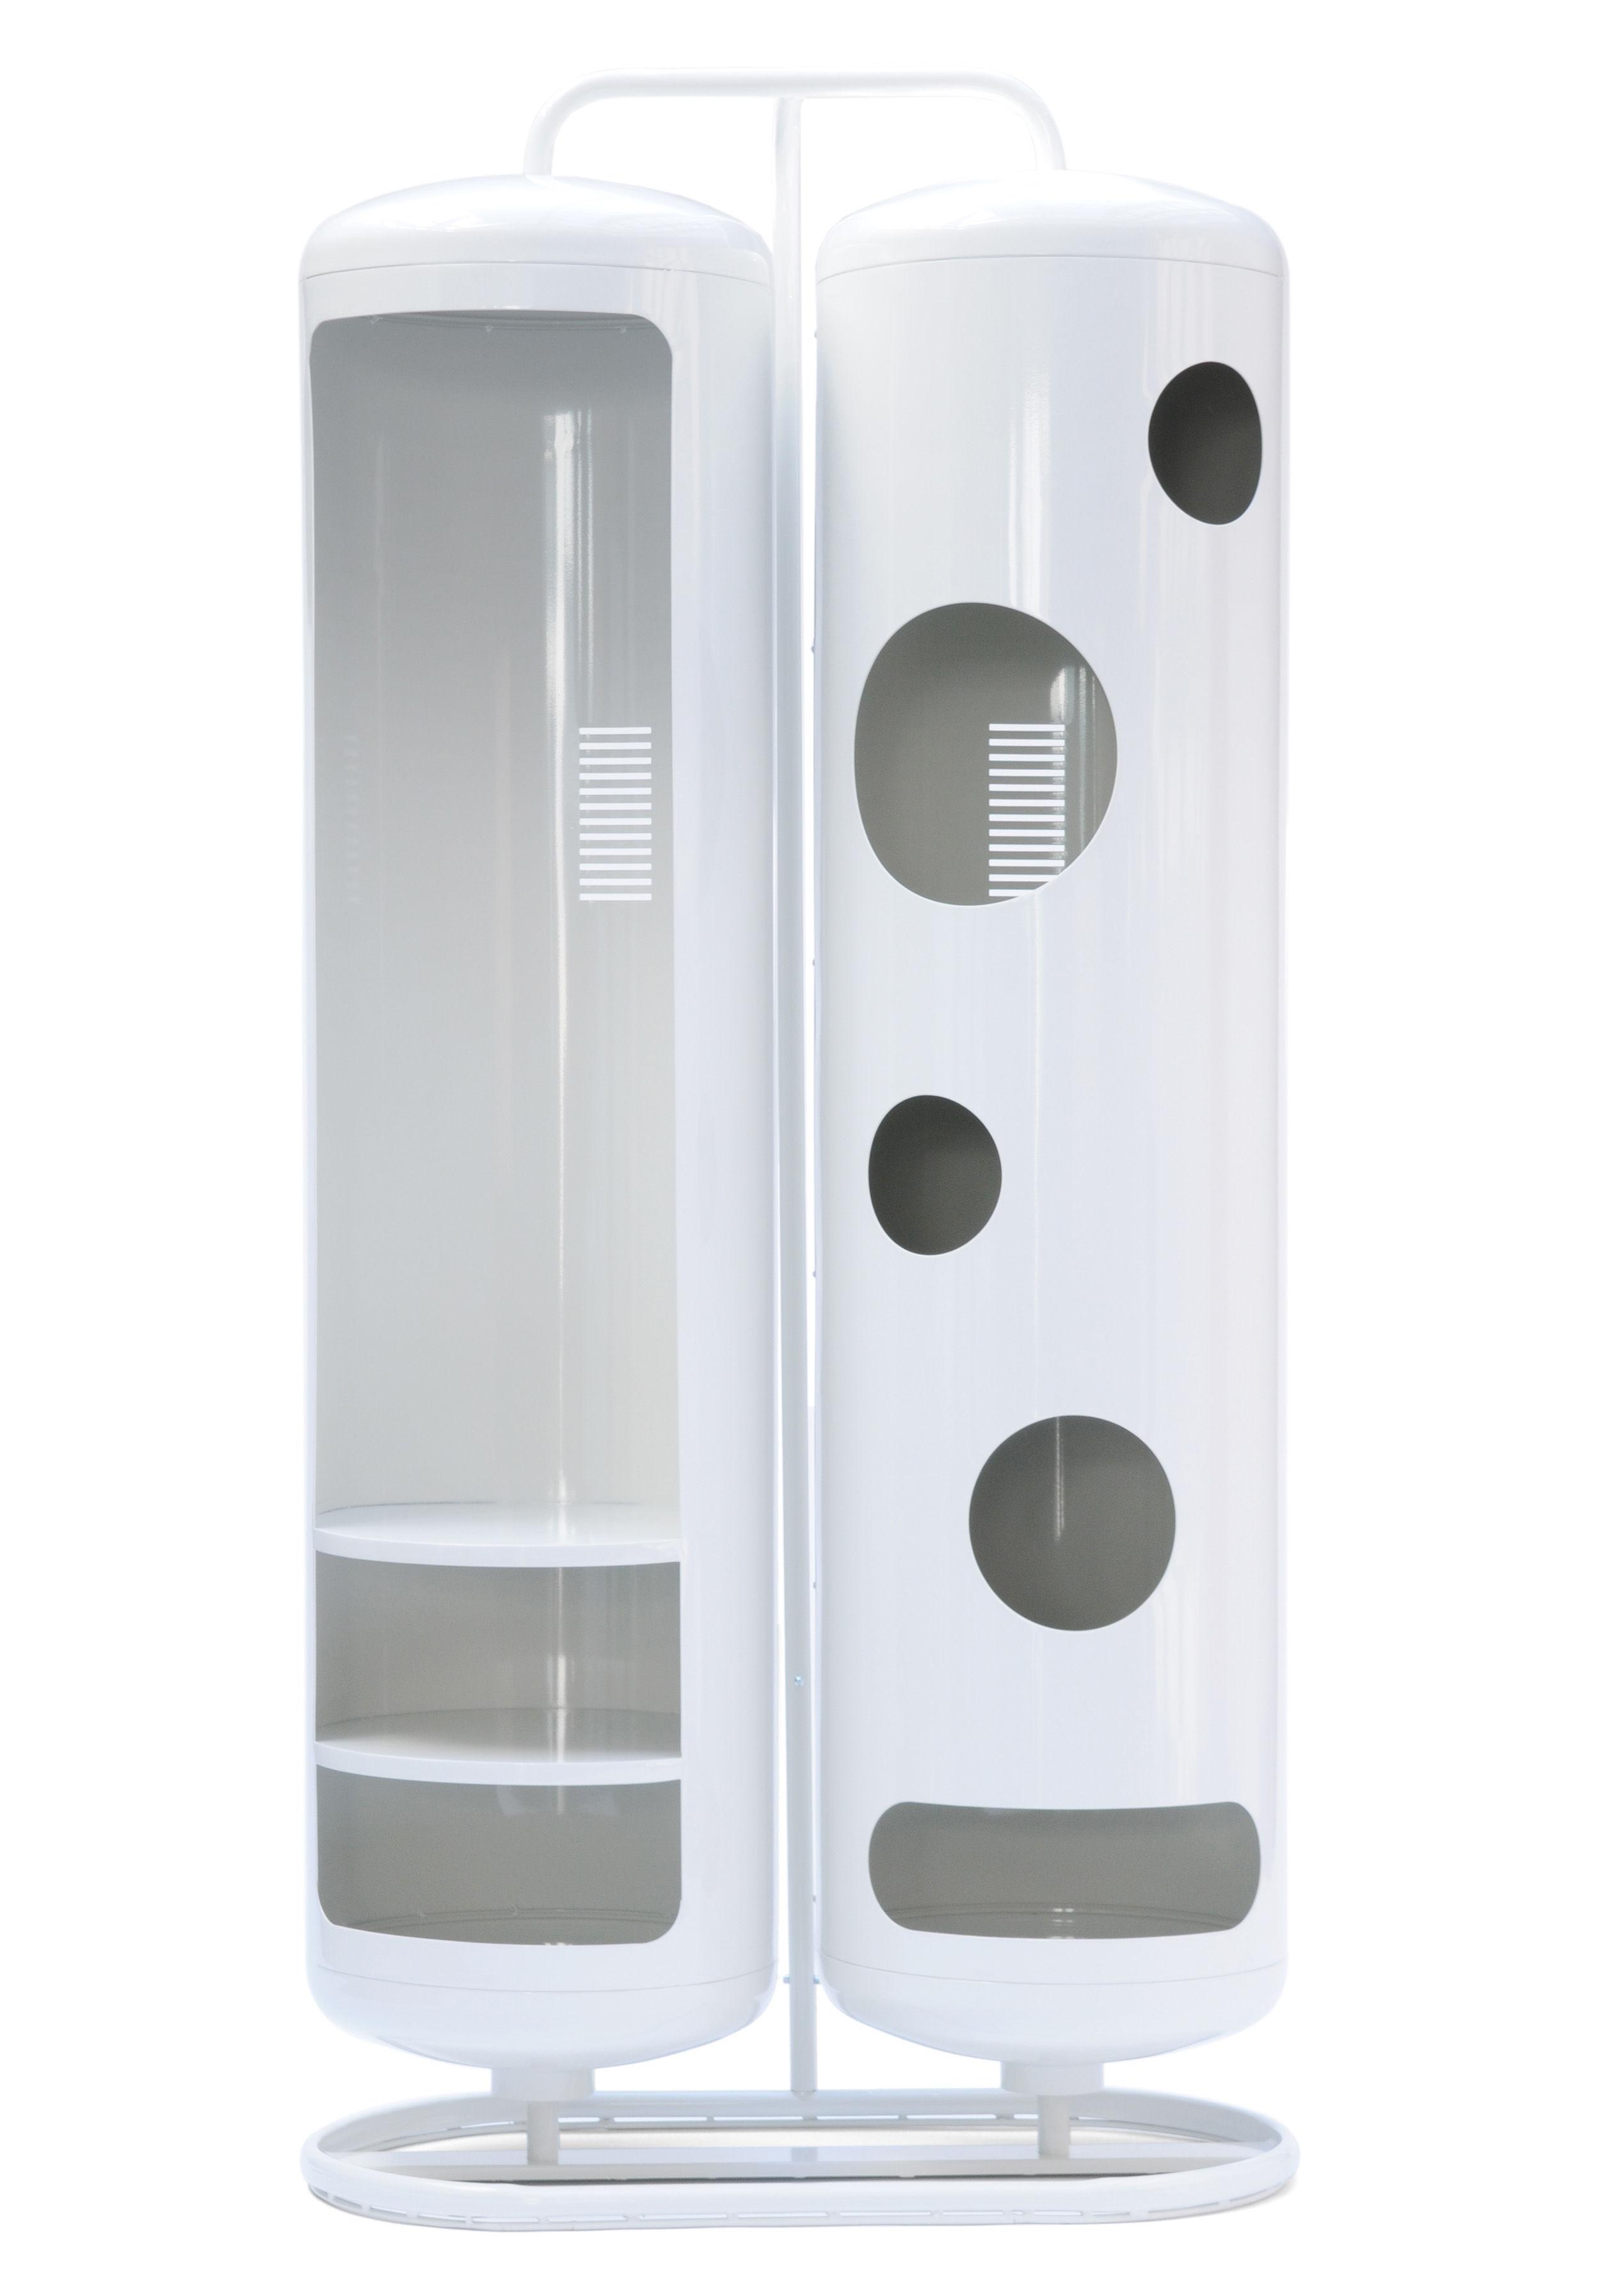 Möbel - Kommode und Anrichte - Cylindres Bi Schrank - Tolix - Weiß - lackierter Stahl